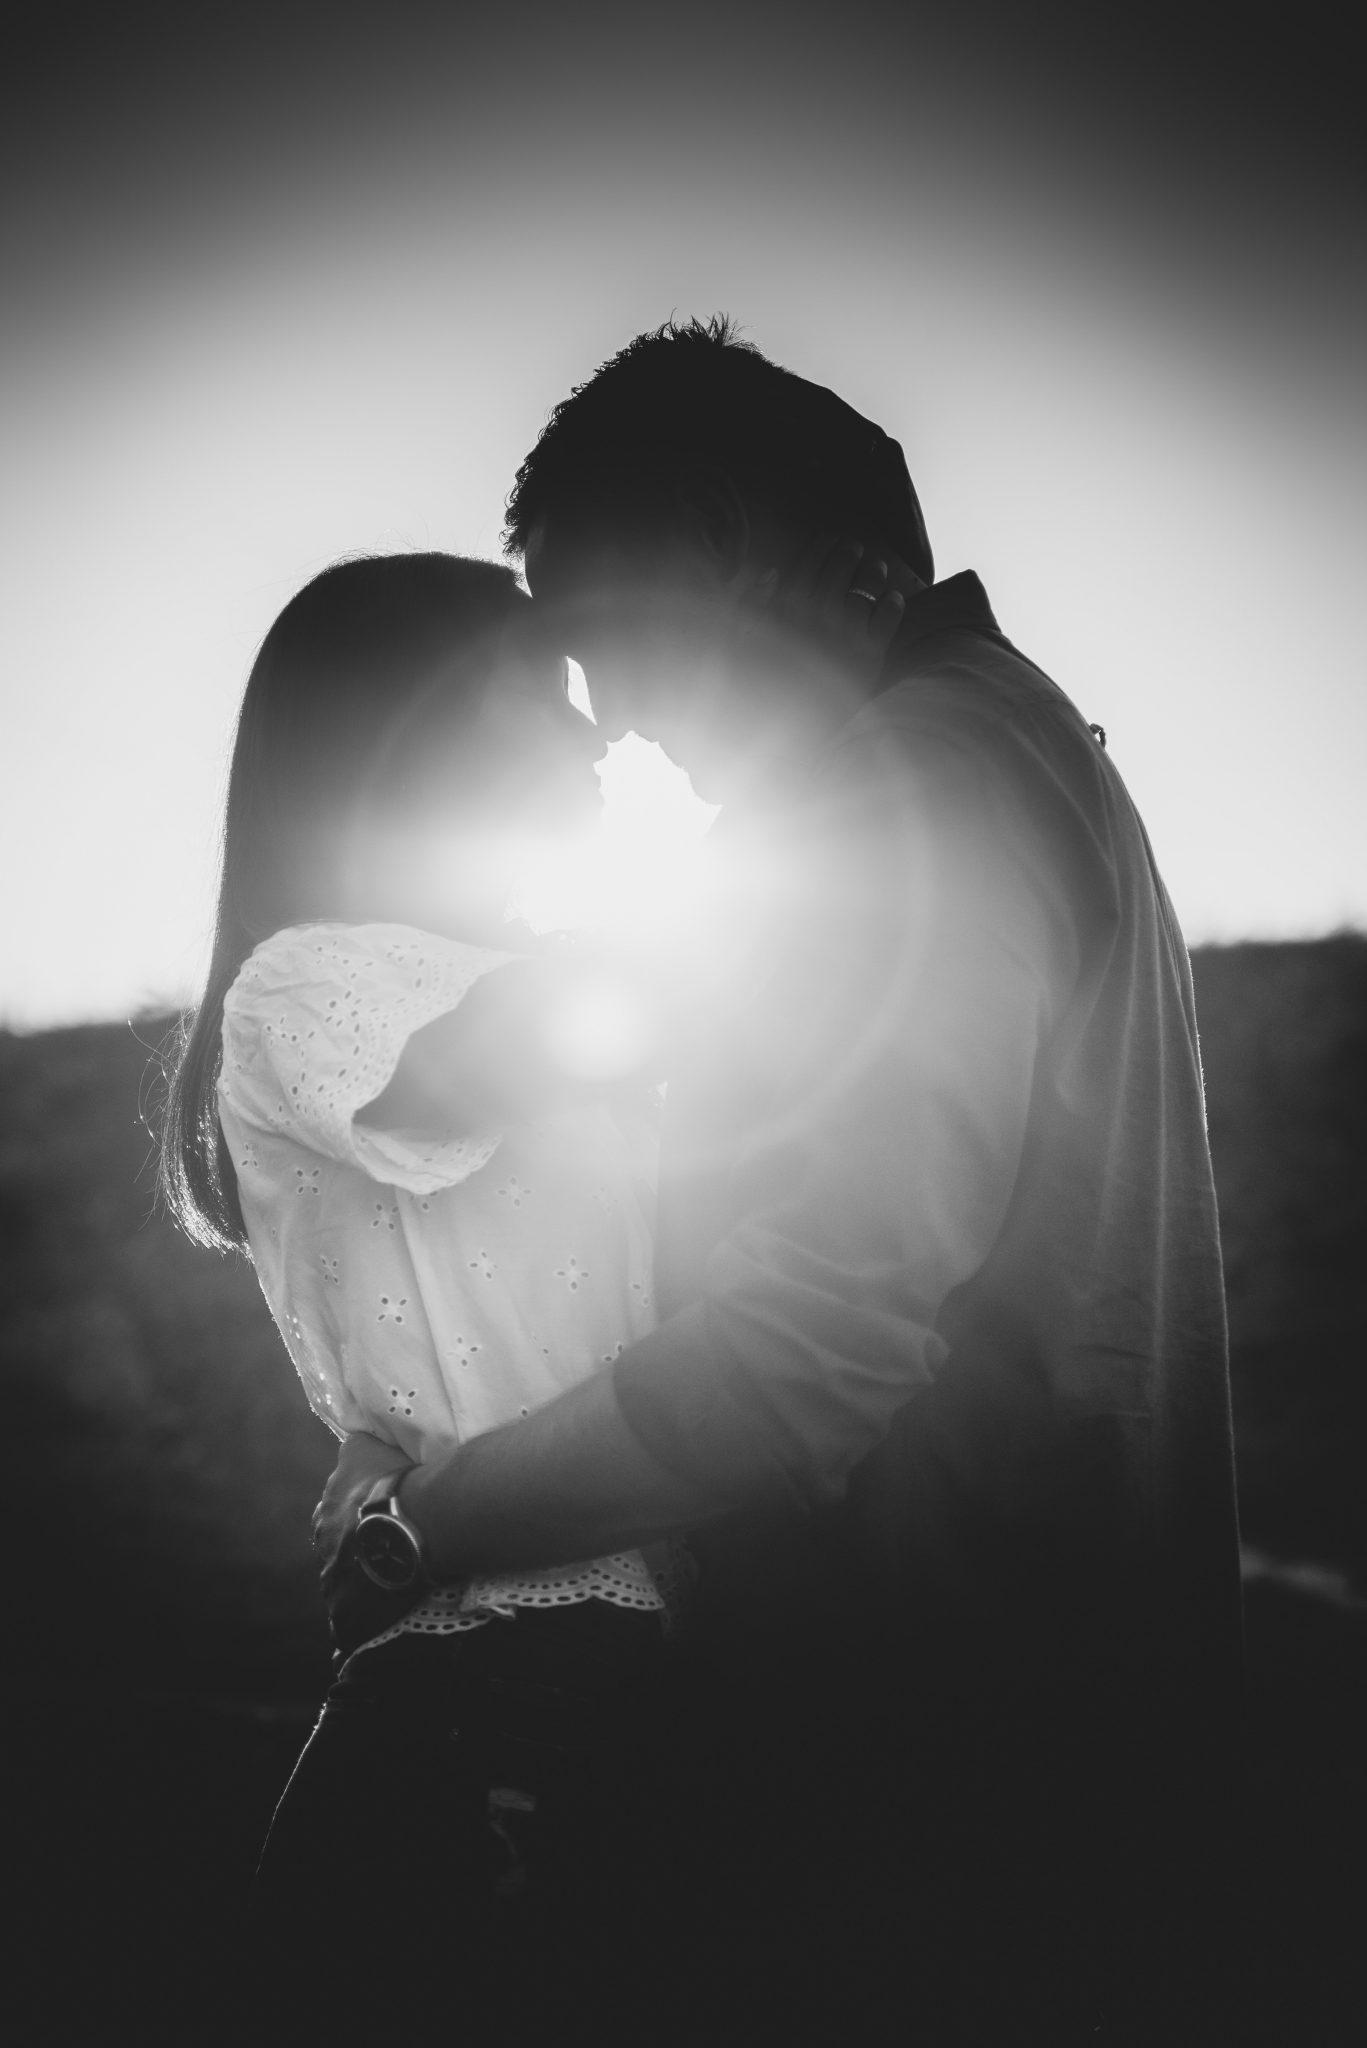 Mann und Frau schmiegen Nasen aneinander / schwarz-weiß